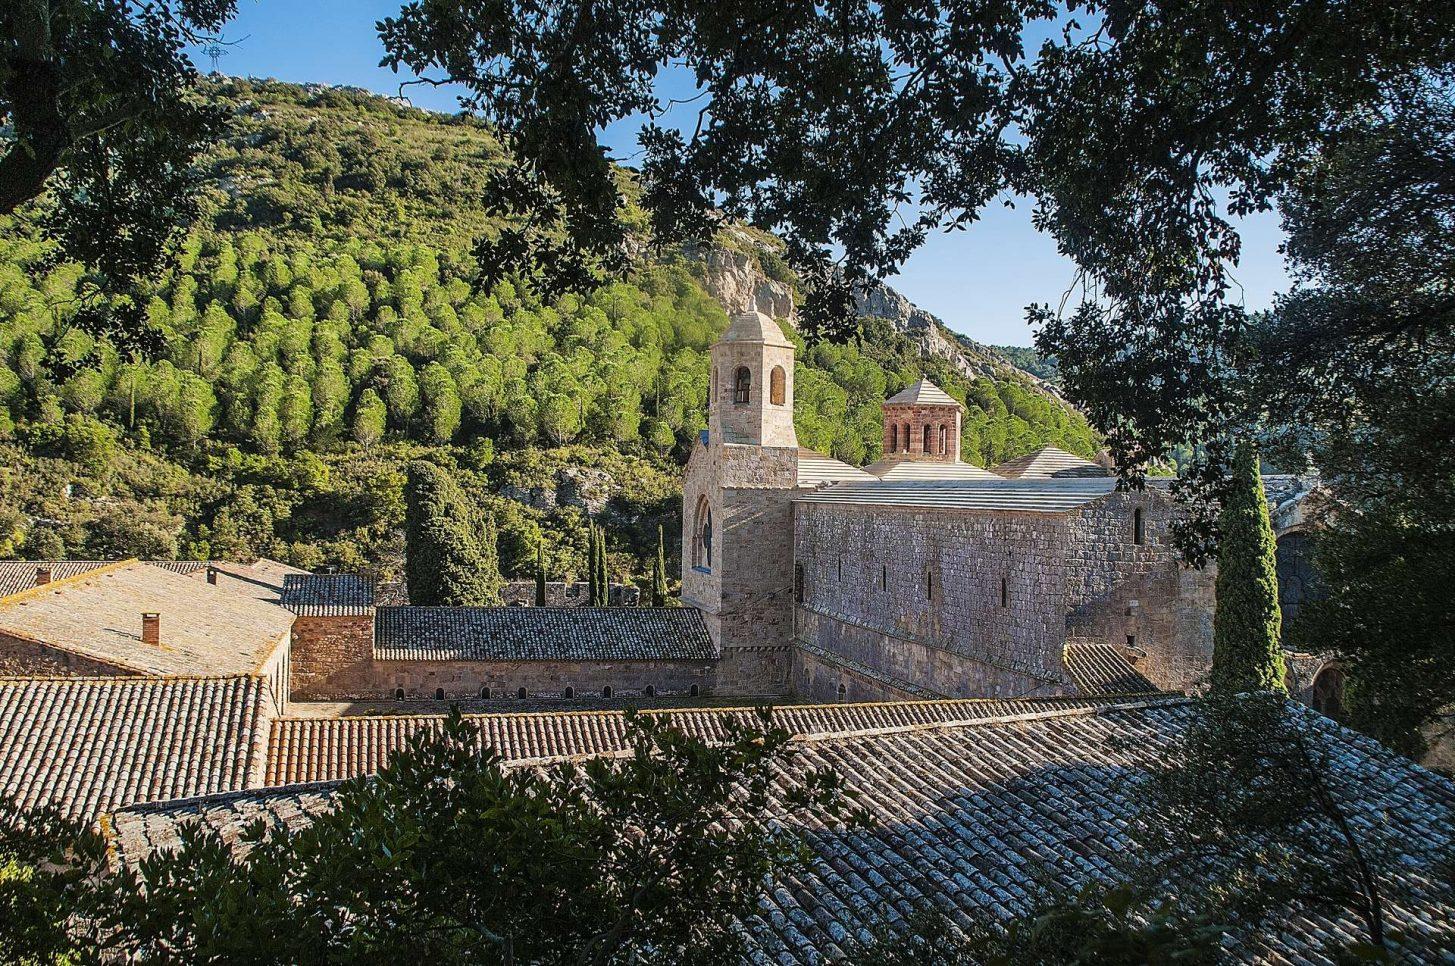 Visite de l'Abbaye de Fontfroide à Narbonne ©Edgard Depuy-ADT de l'Aude